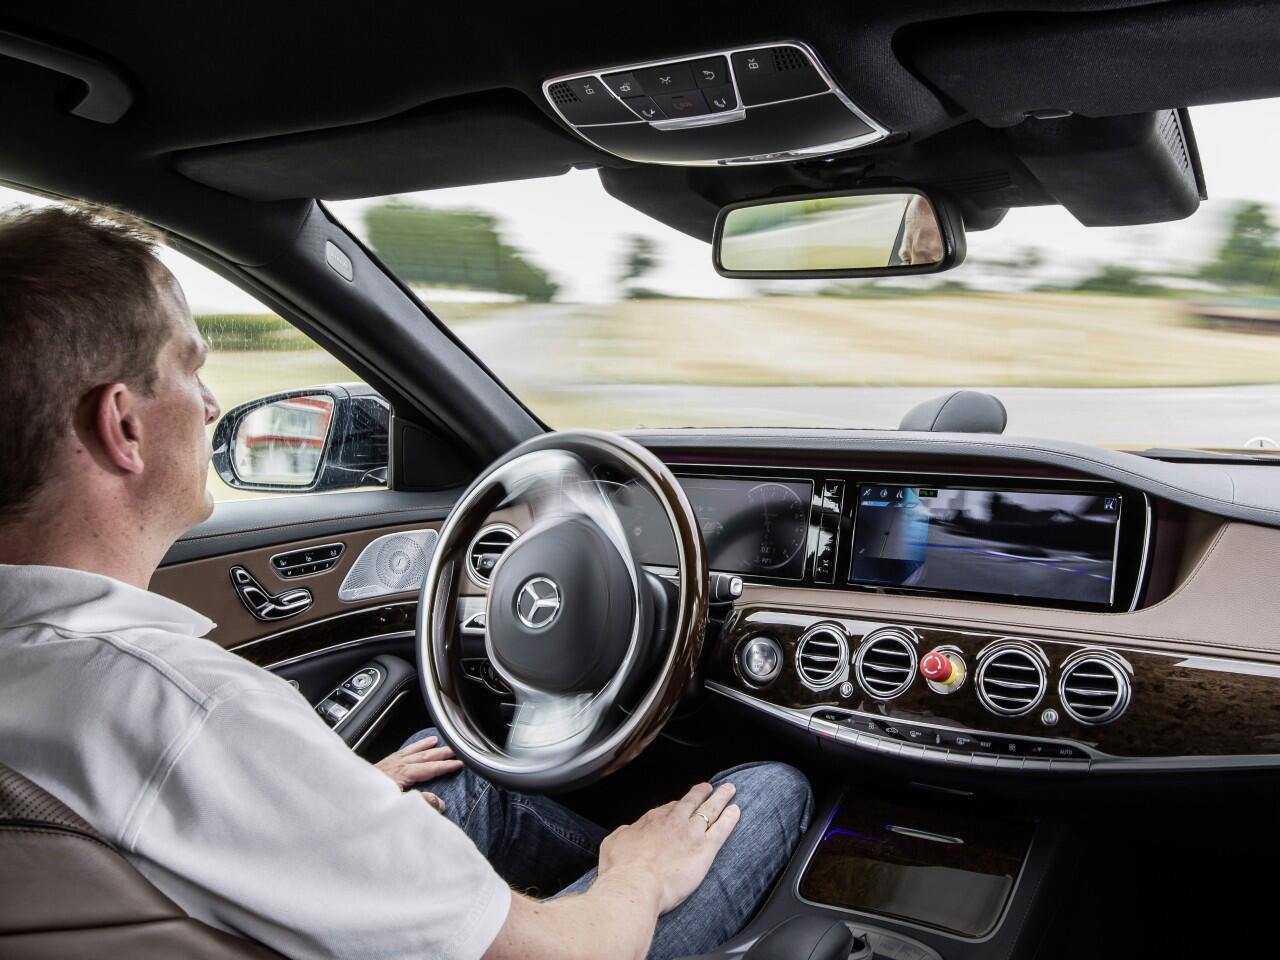 Bild zu Autonomes Fahren: Noch eine weit entfernte Zukunftsvision?